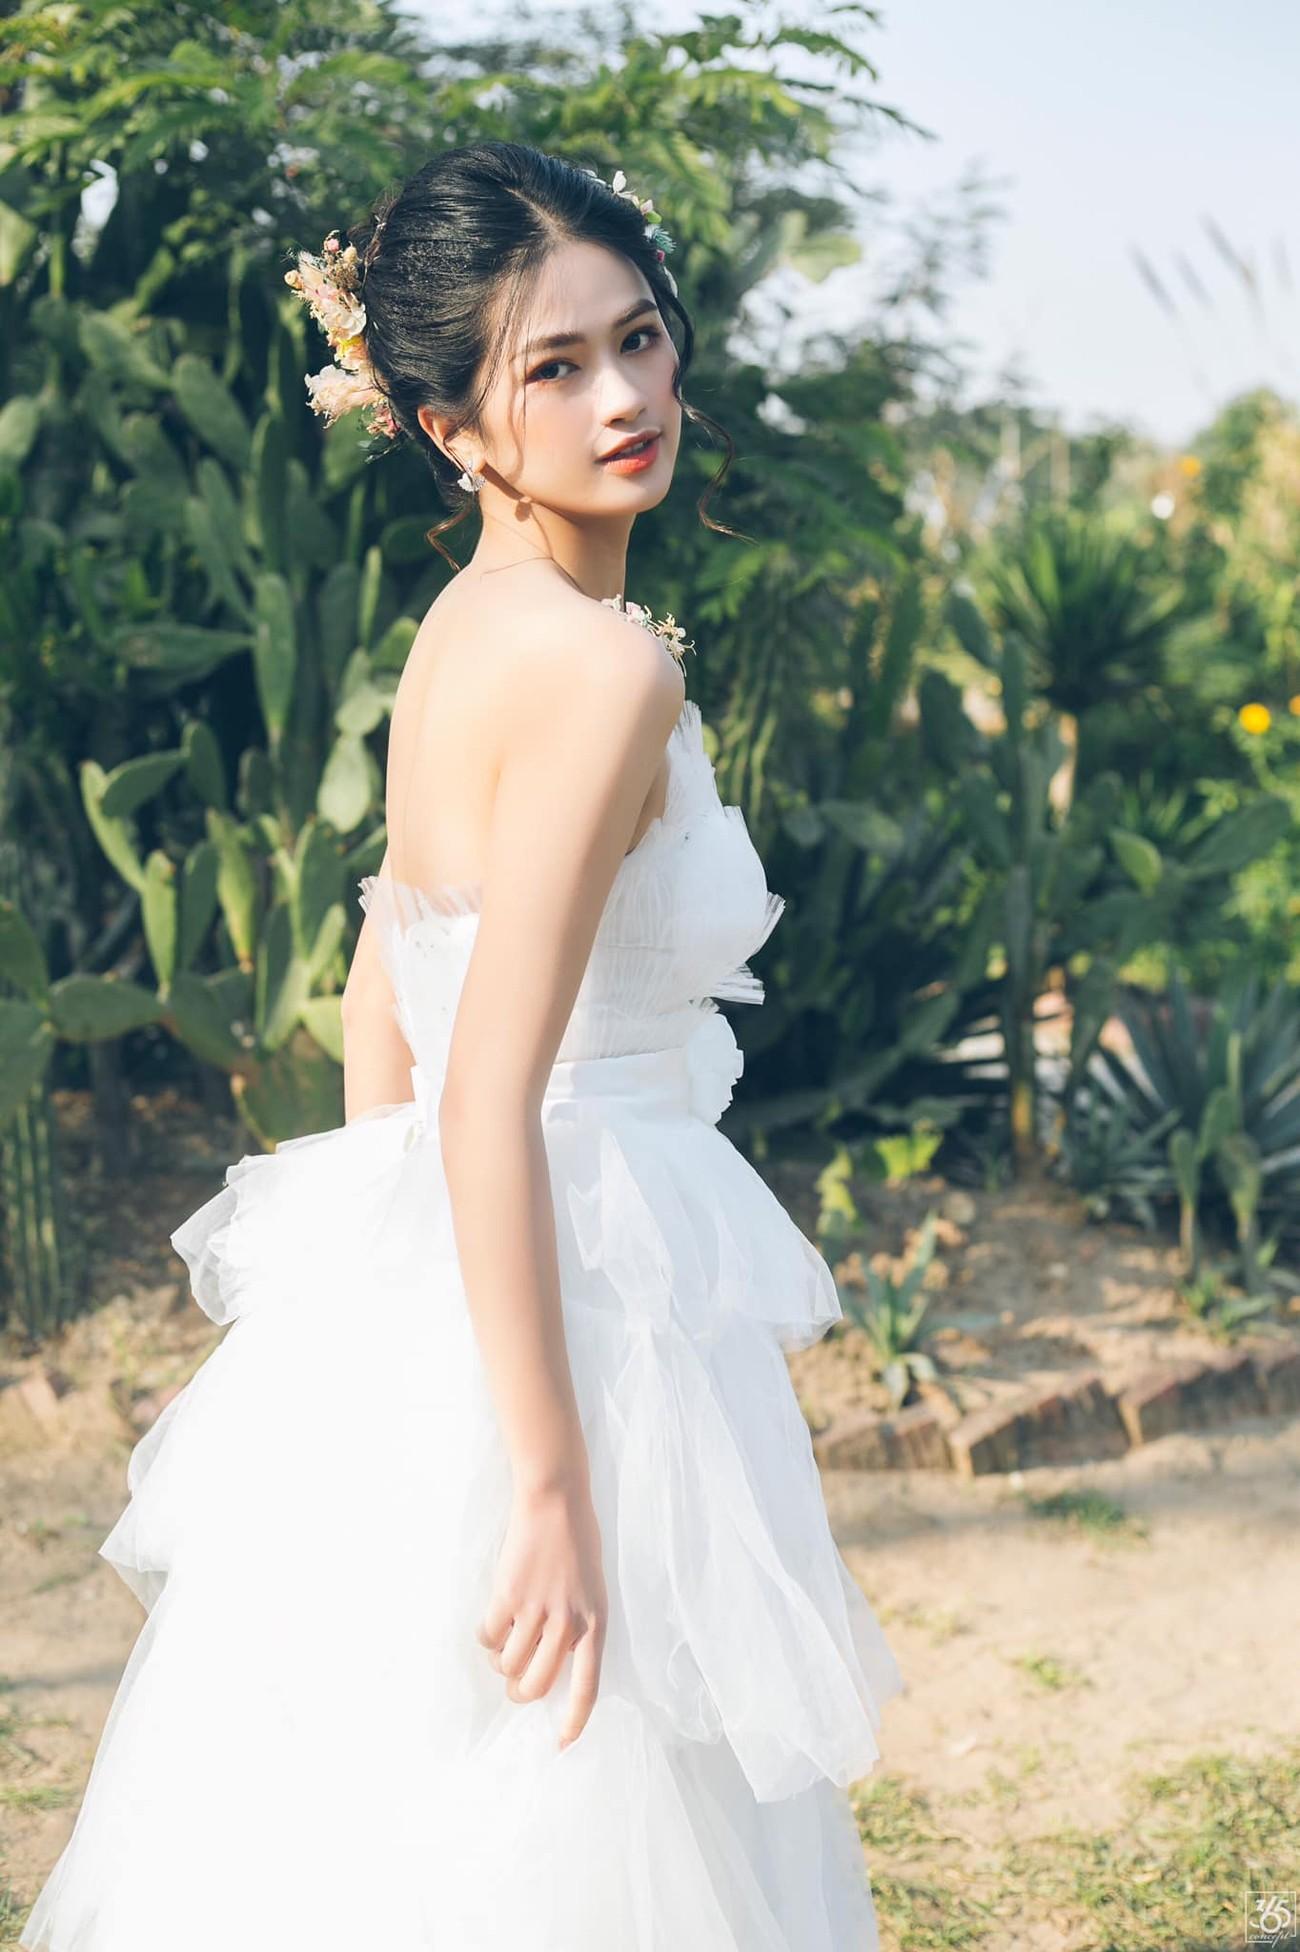 Người đẹp Cẩm Đan kiêu kỳ, Minh Anh xinh đẹp tựa nữ thần ảnh 8